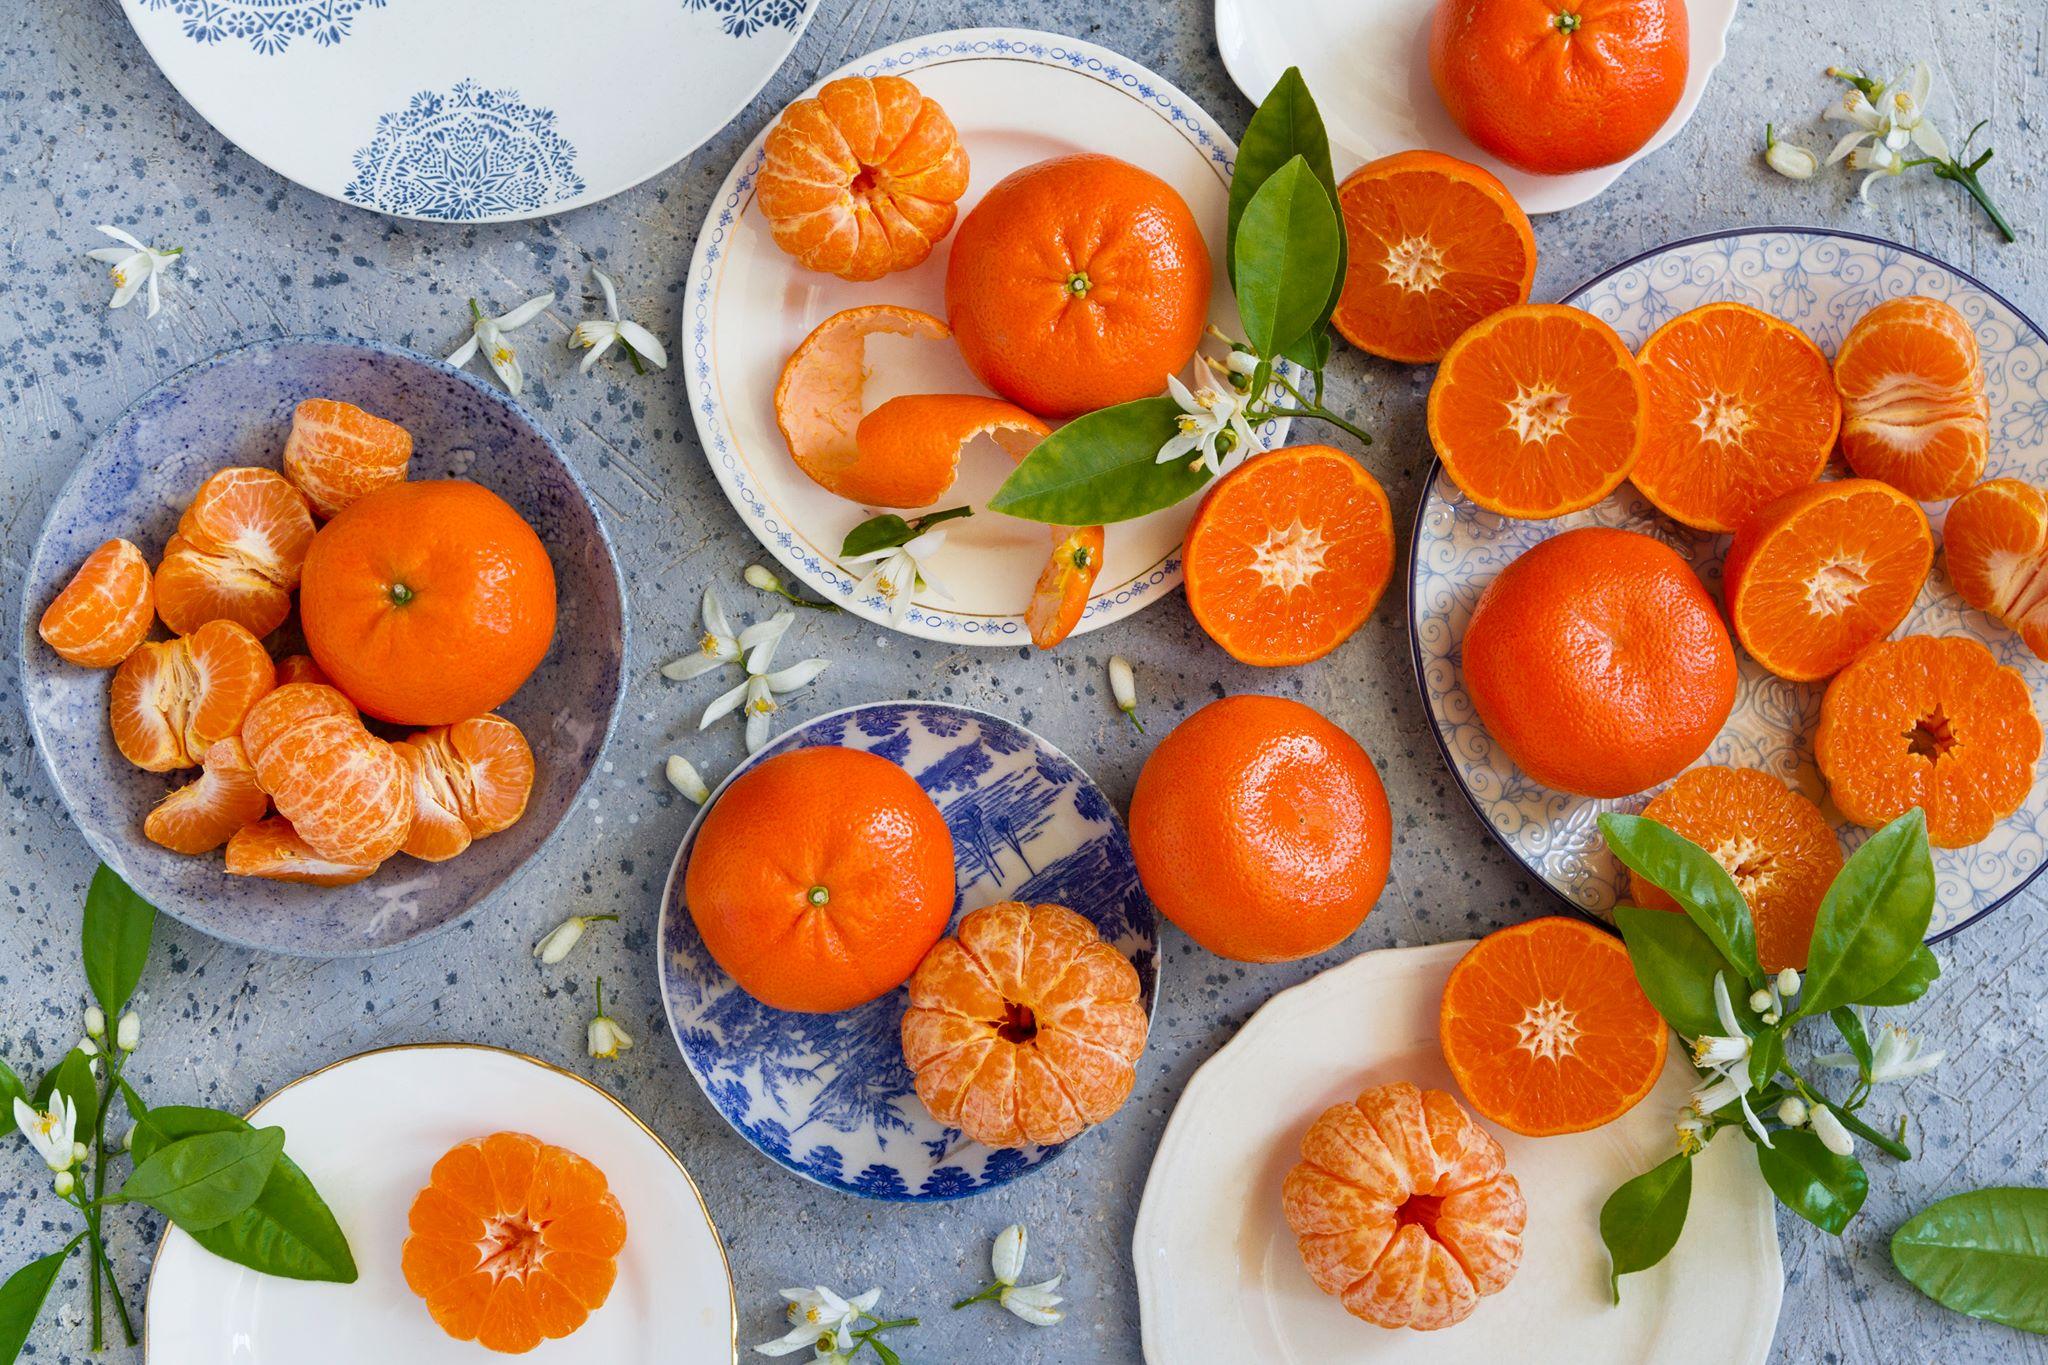 Clemengold Fruit